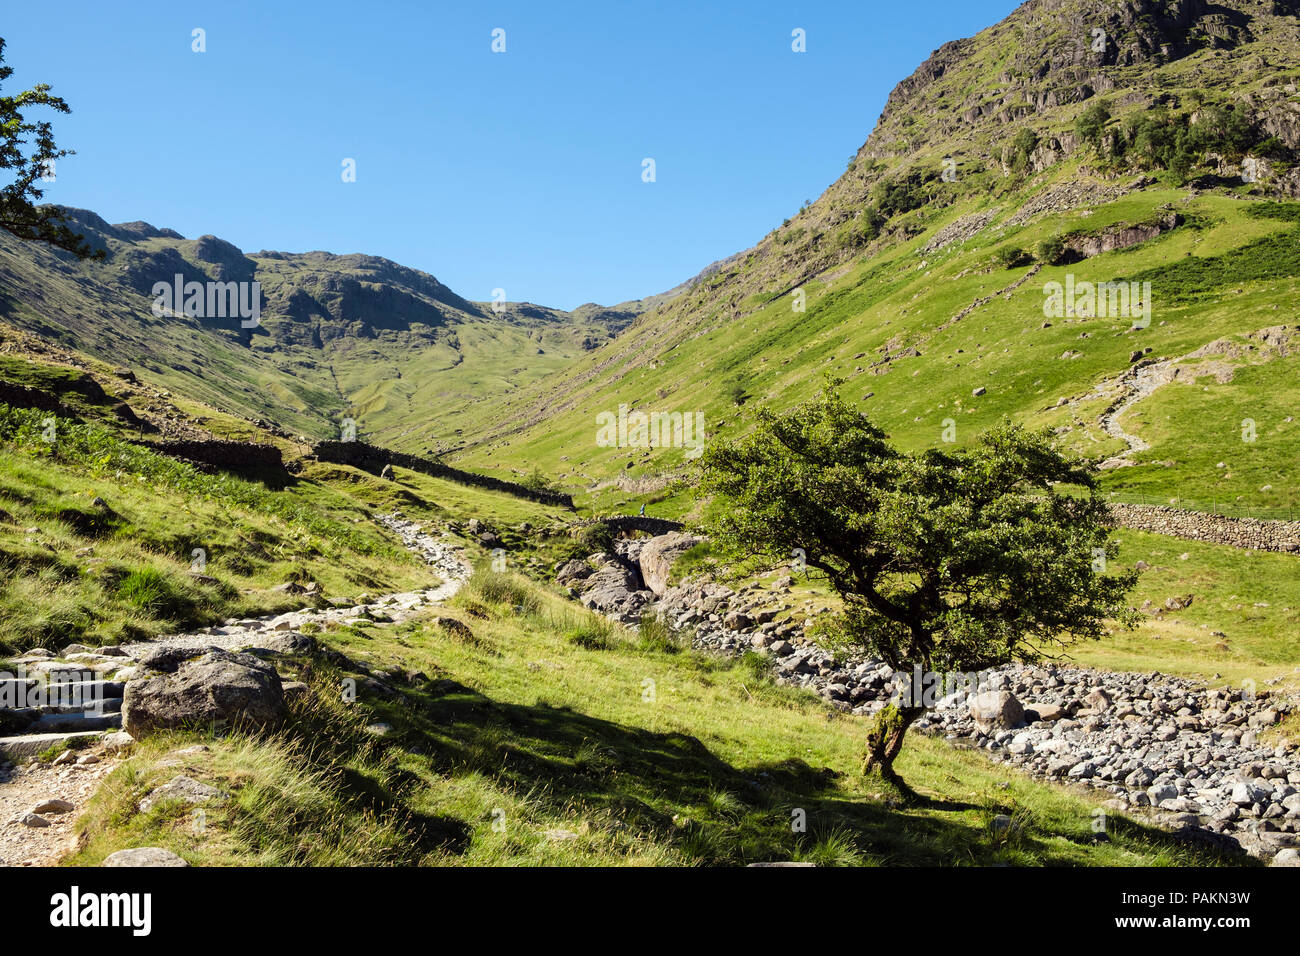 La voie à Pont de Stockley Seathwaite dans les montagnes du Parc National de Lake District, Borrowdale, Cumbria, England, UK, Grande-Bretagne Photo Stock